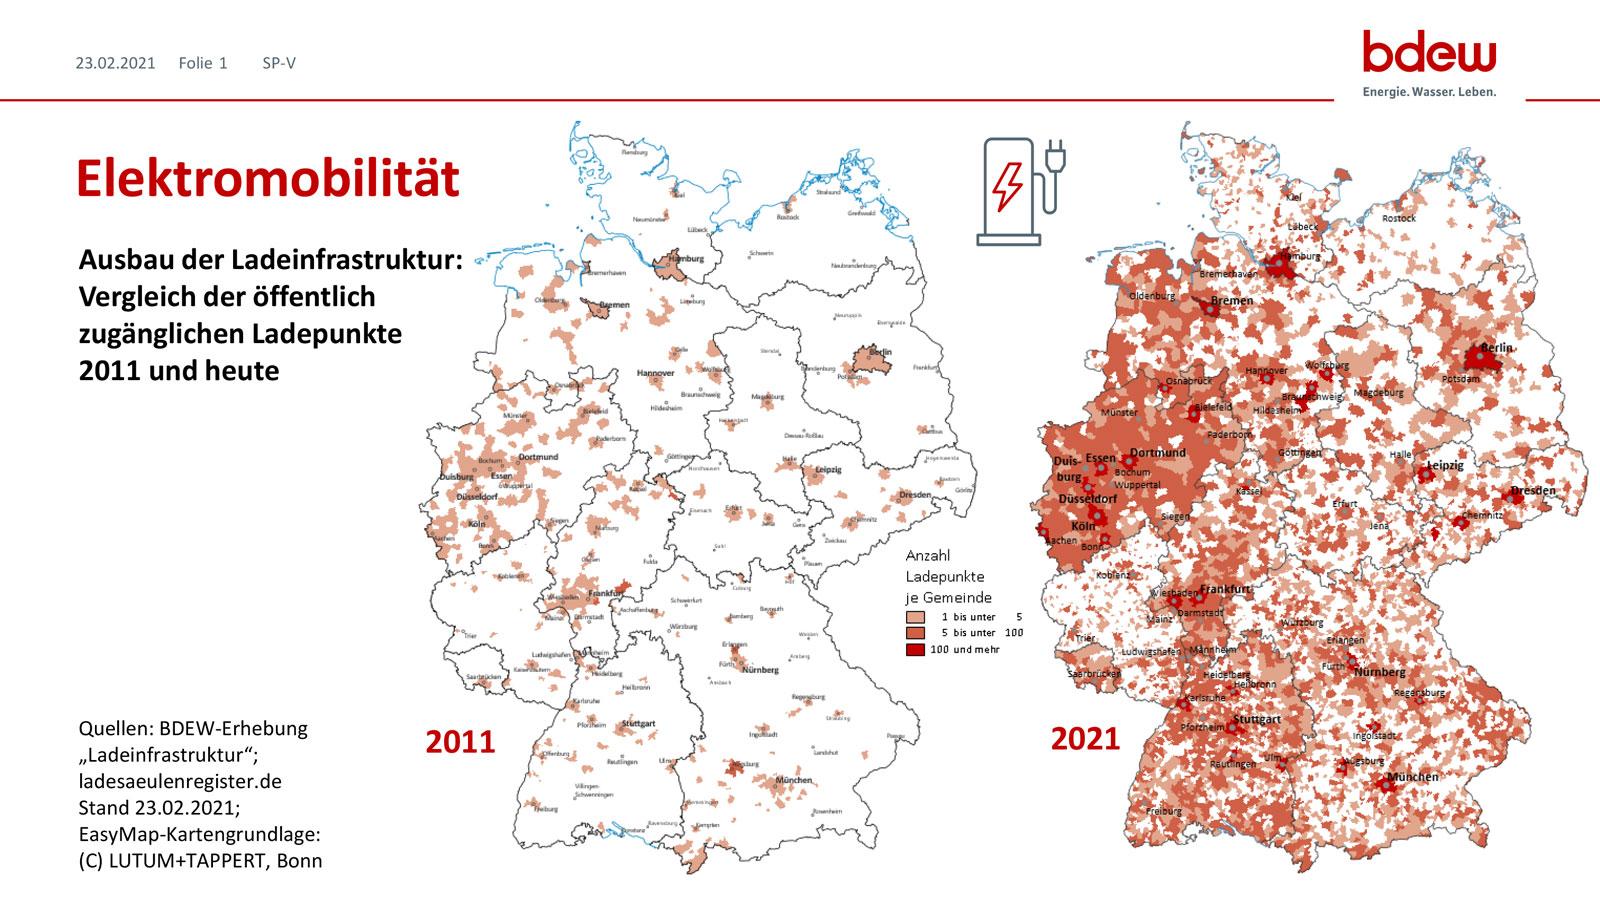 Elektromobilitaet_Vergleich-Ladeinfrastruktur-2011-2021